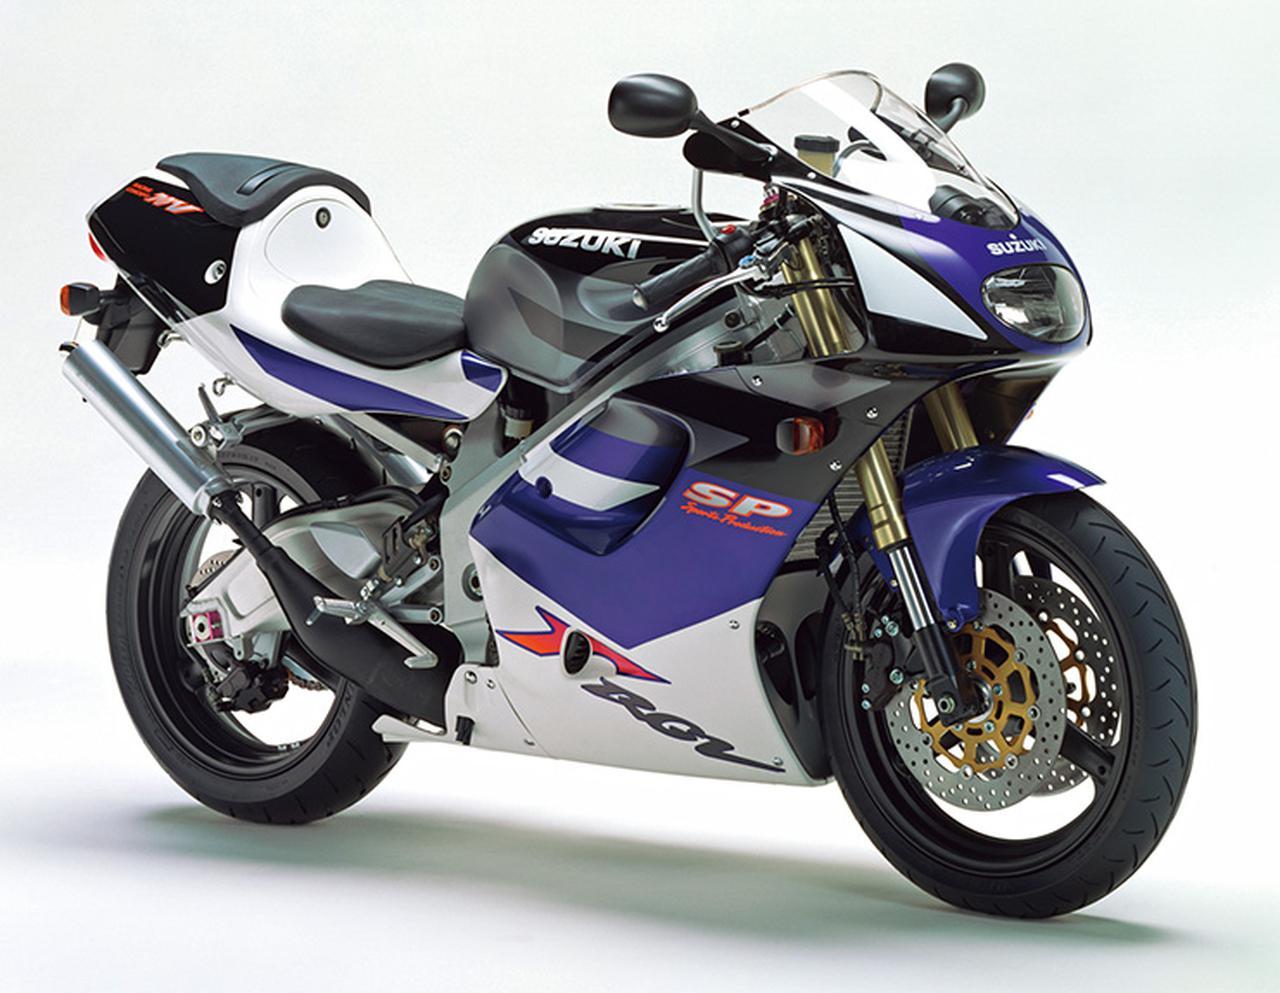 Images : 2番目の画像 - 「【RG-Γ伝】Vol.6「レプリカブームを牽引した250ガンマの最終型」RG250Γ SP(VJ23A)-1996〜1999- 〜当時の貴重な資料で振り返る栄光のガンマ達〜」のアルバム - webオートバイ